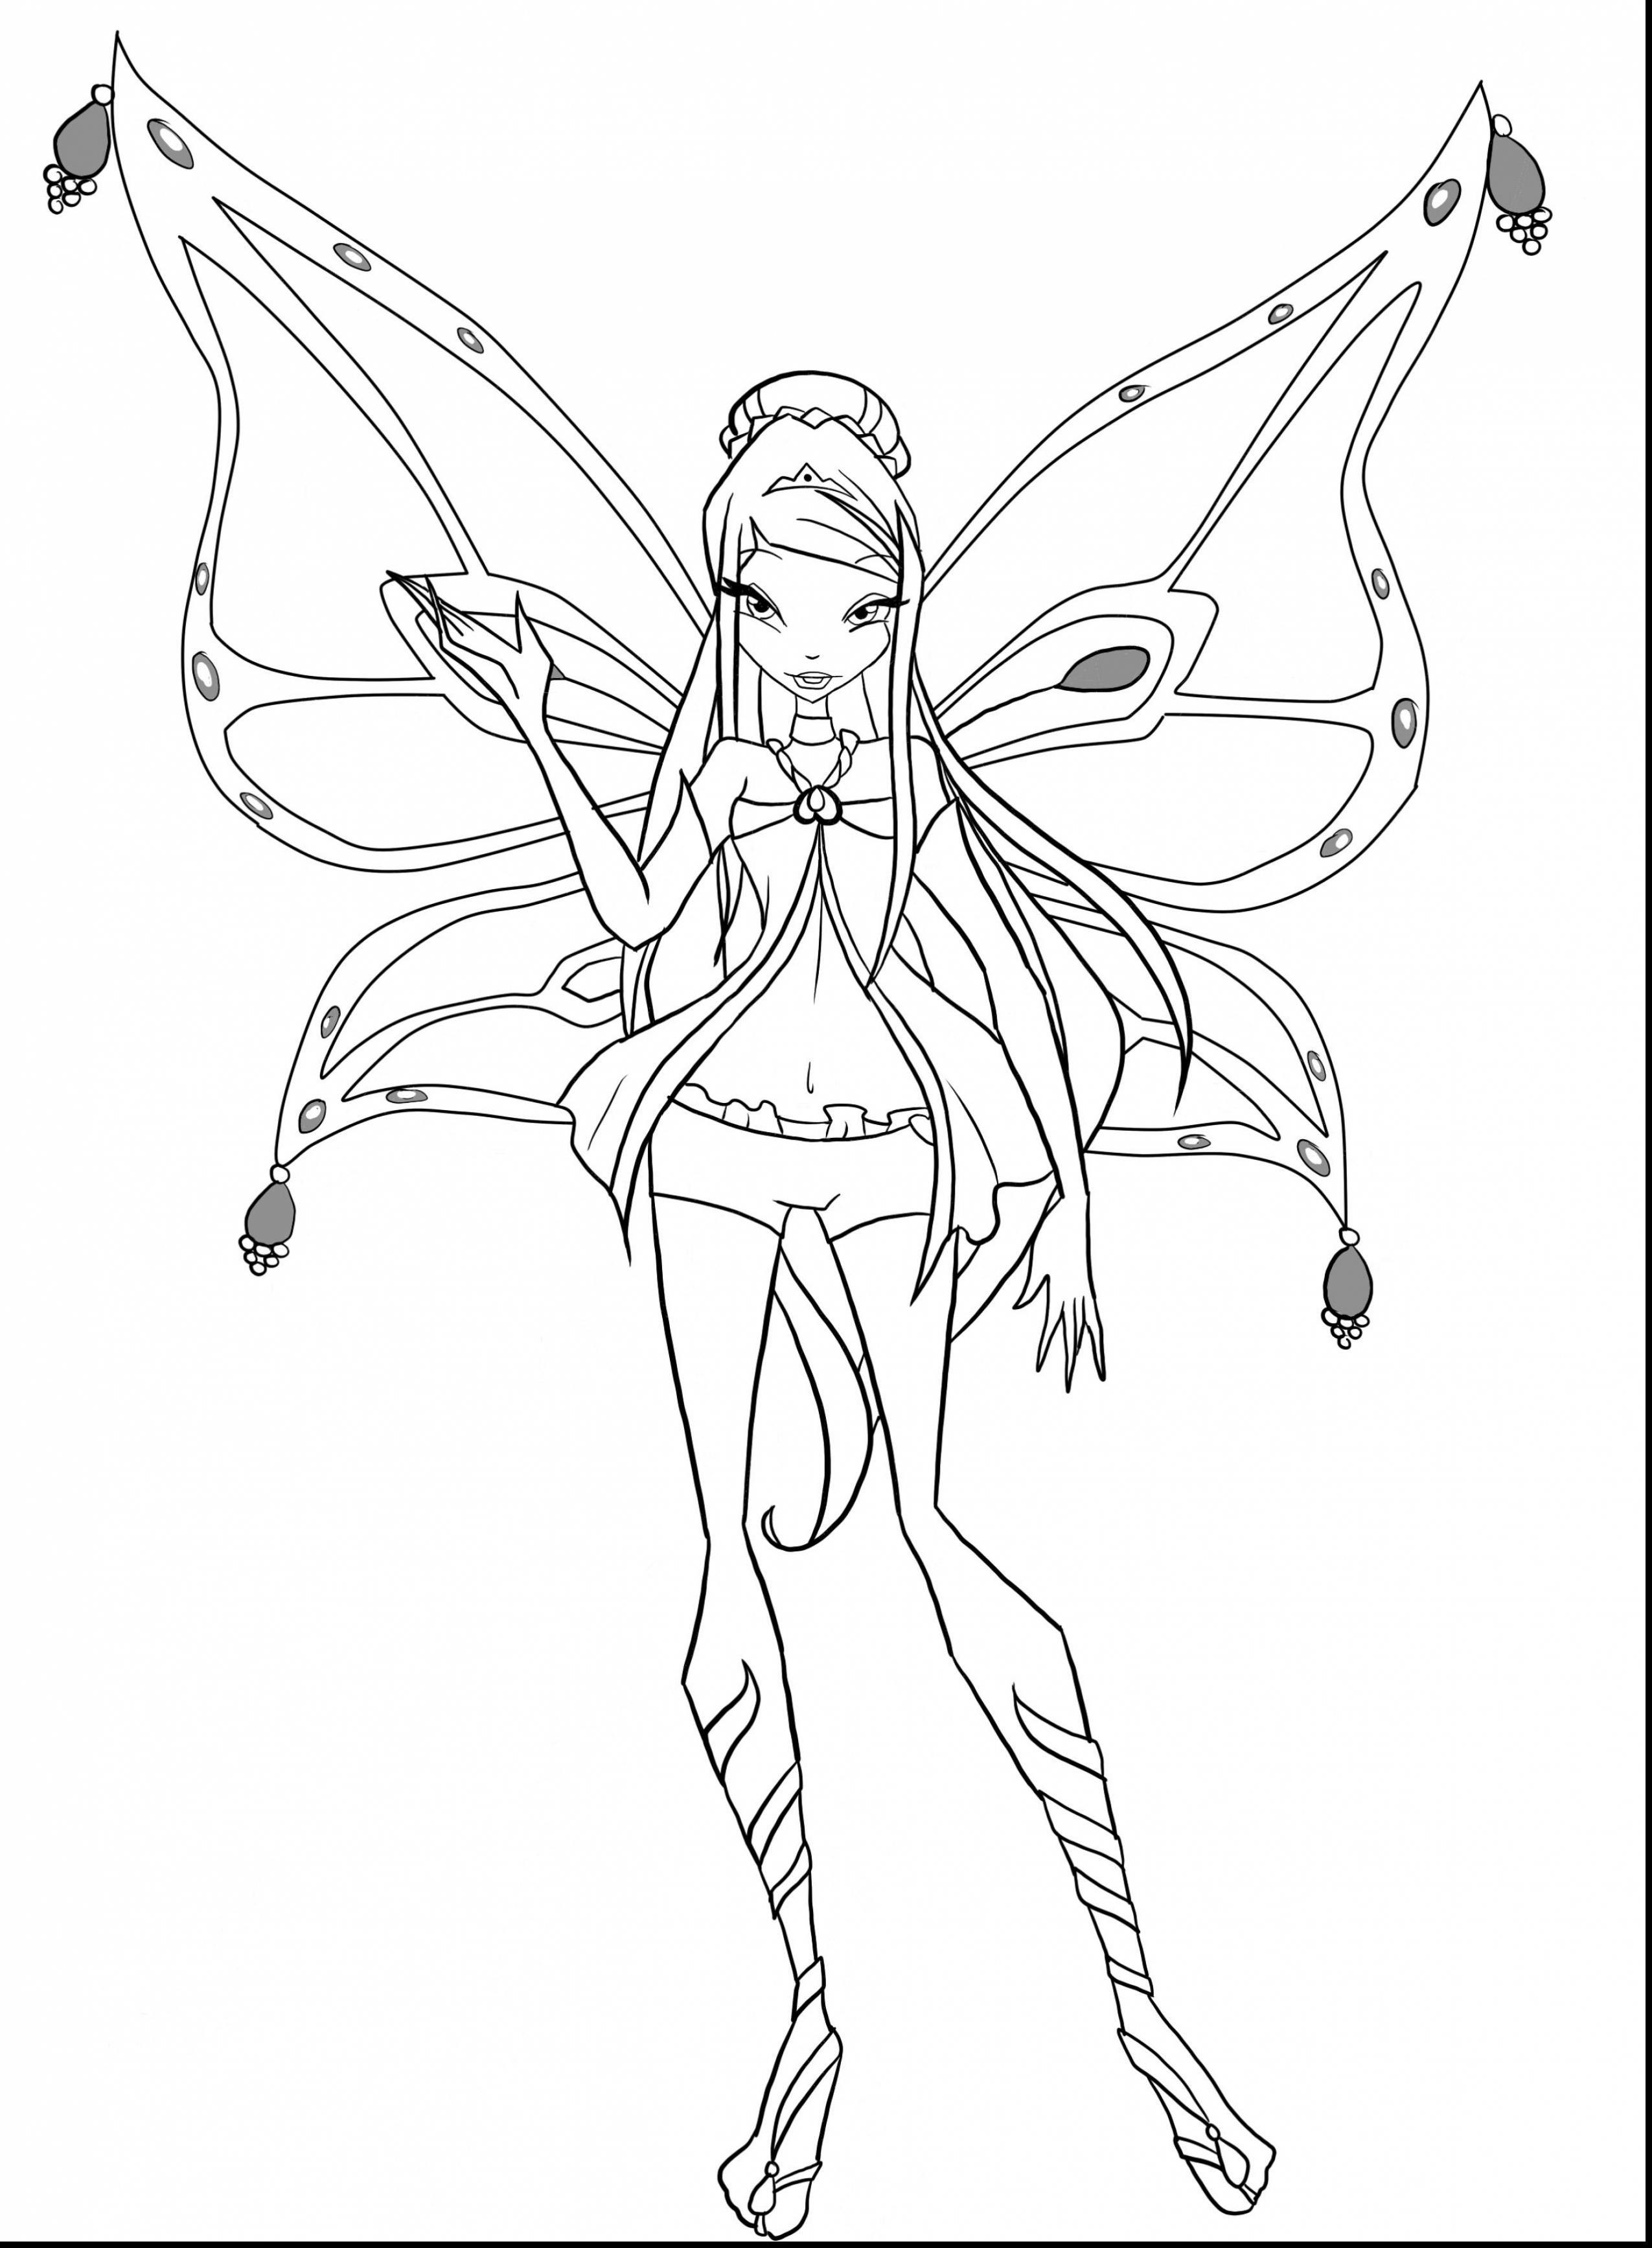 Tranh Tô Màu Công Chúa Winx Layla 6